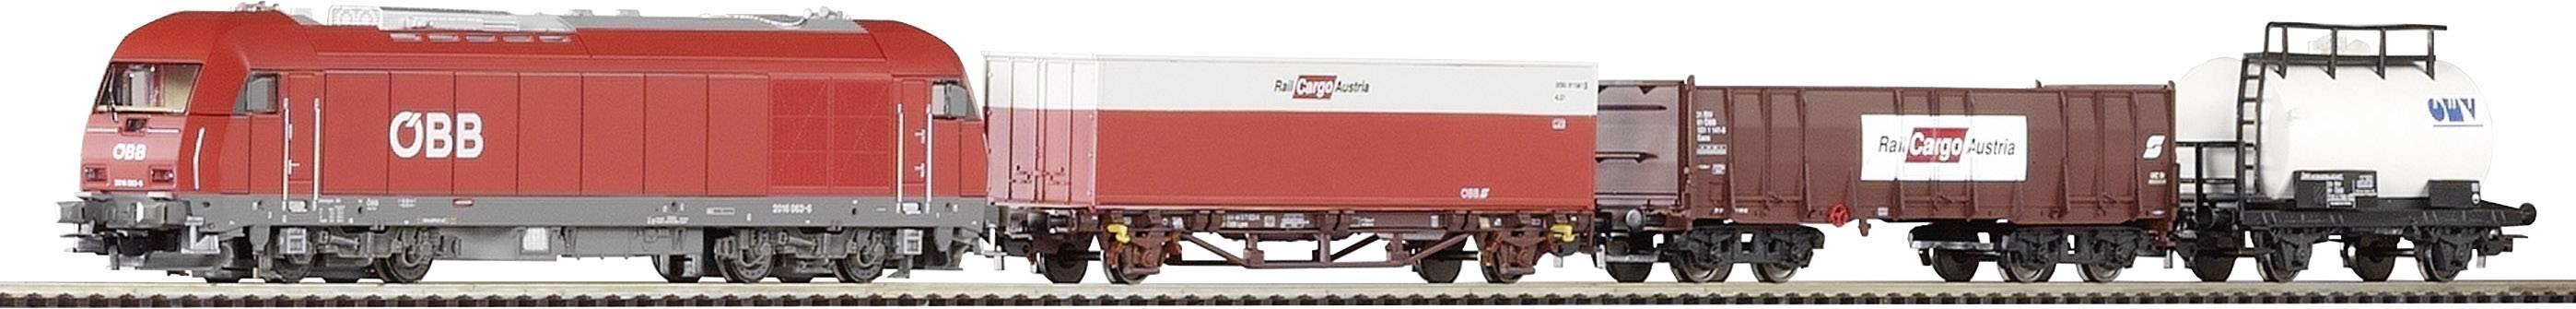 Štartovacia sada H0 nákladného vlaku Metronom a dieslovej lokomotívy Piko H0 96948